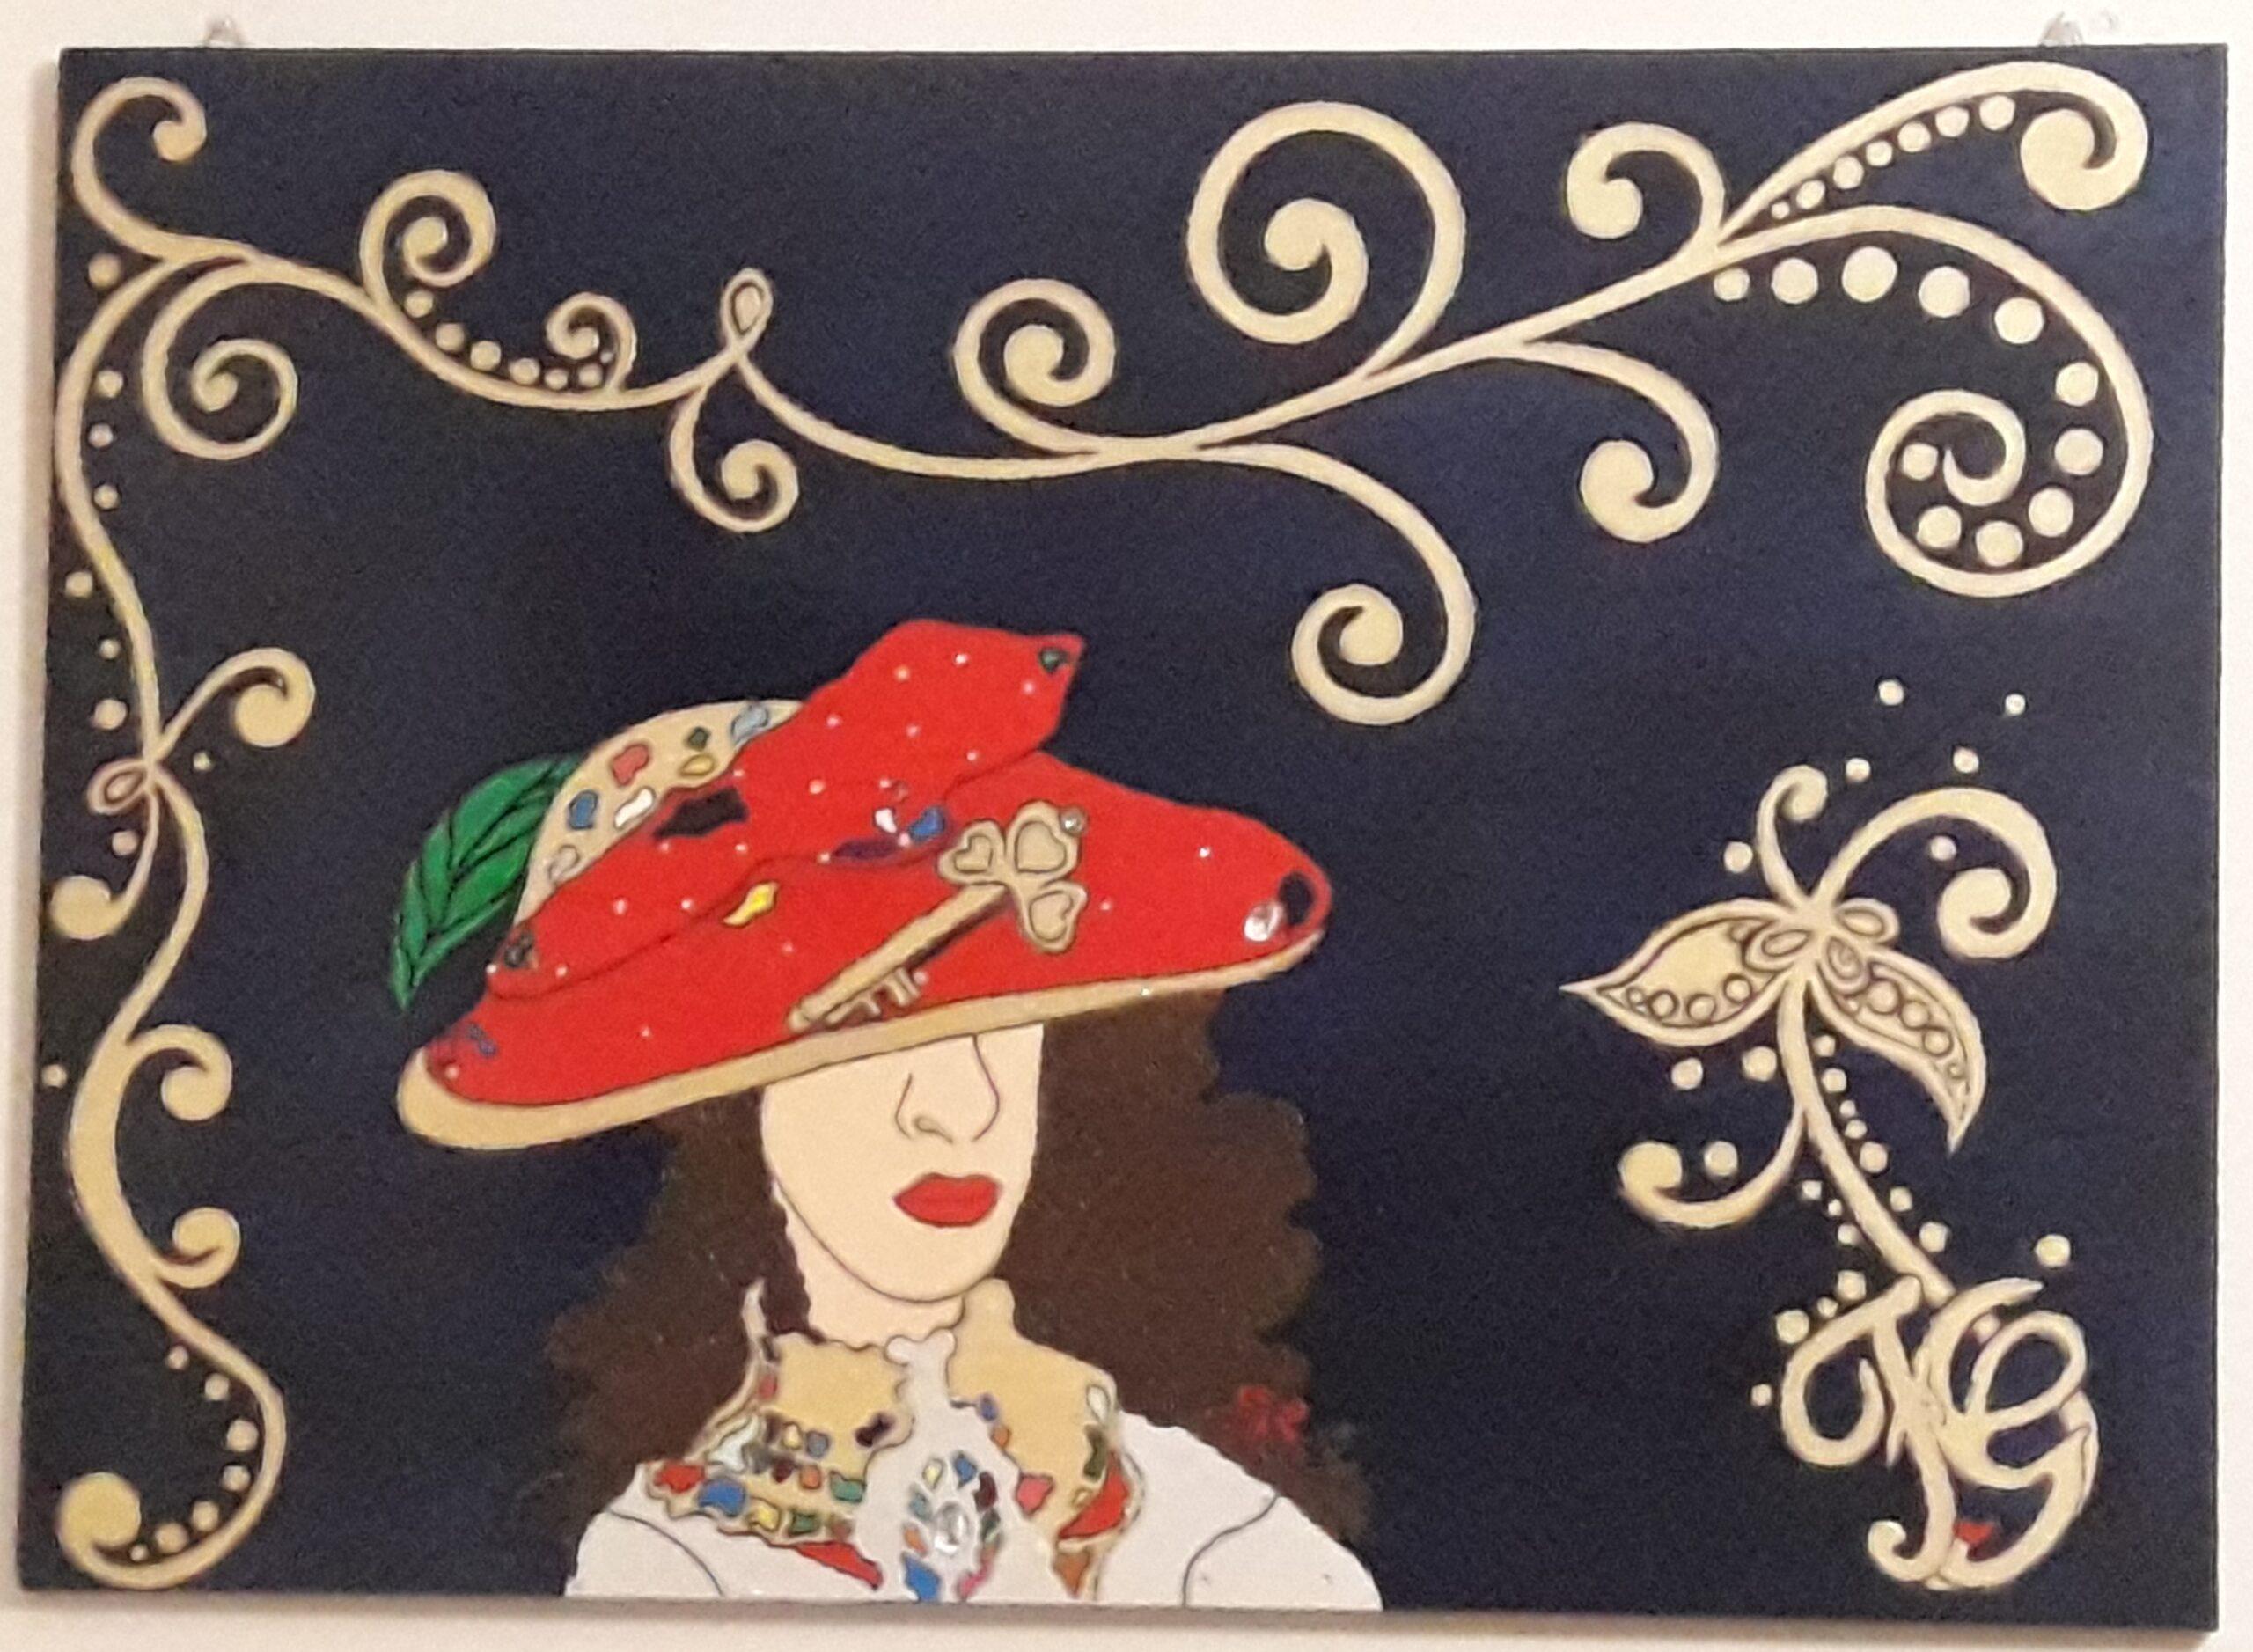 La voce del silenzio. Dipinto Florinda Giannone. Mediajob.eu - il sito d'arte e degli artisti.